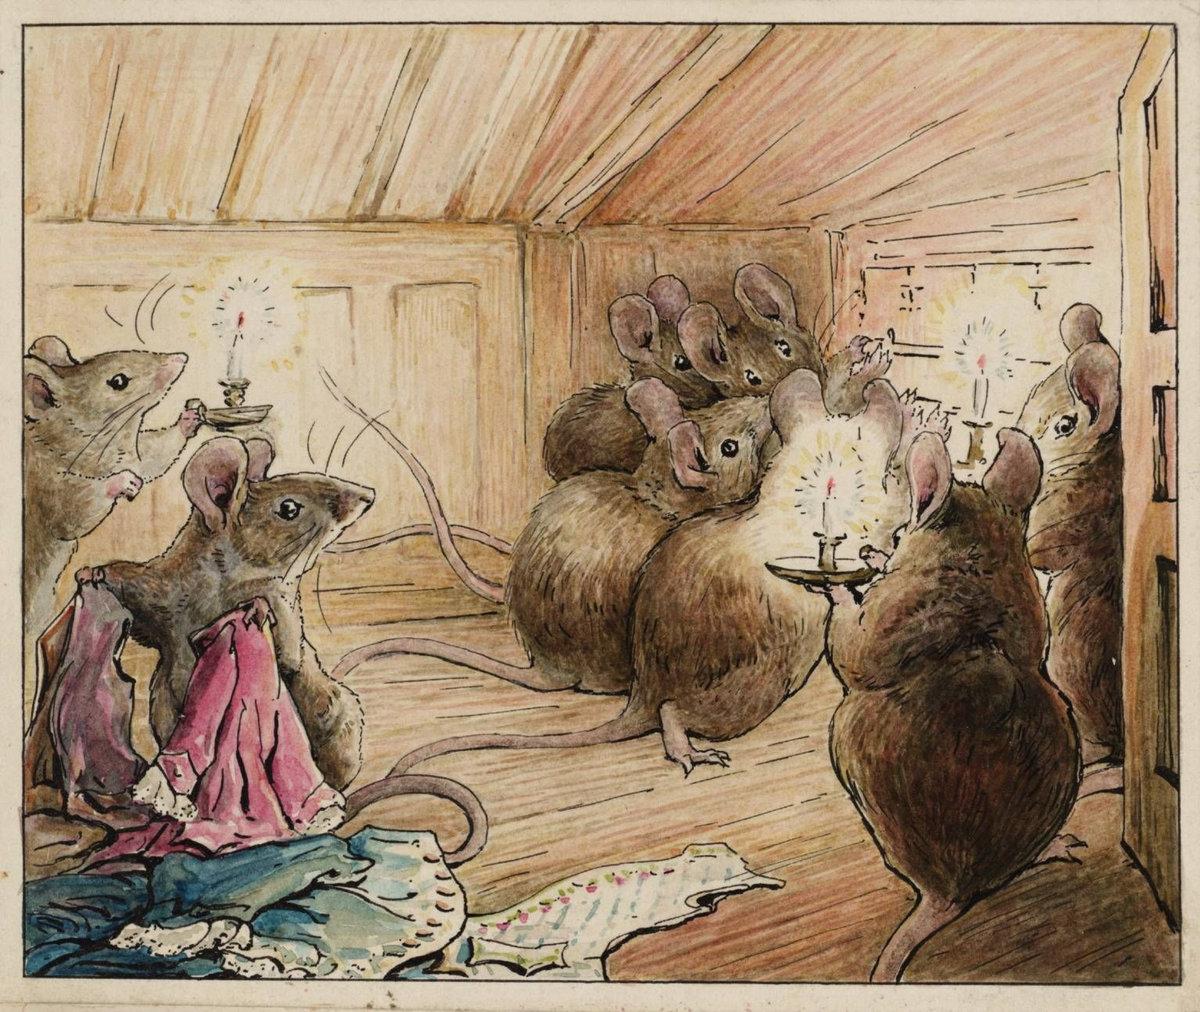 источники картинки из жизни мышек частности заметили, что